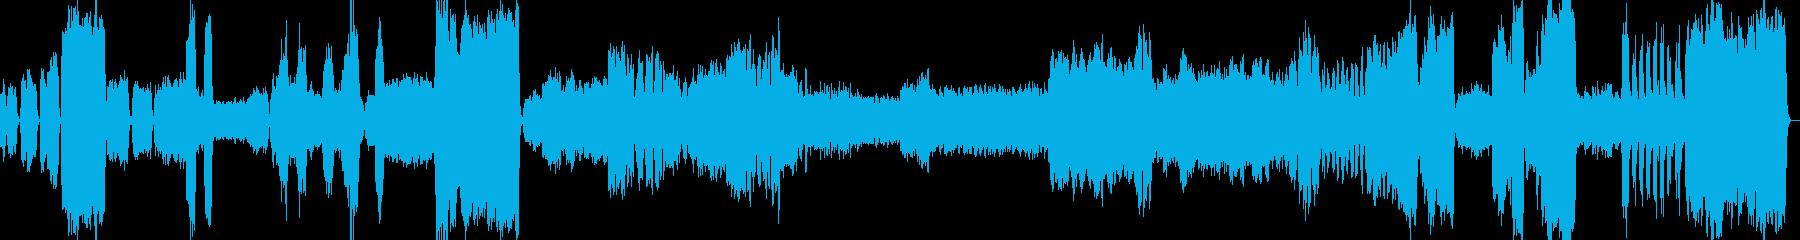 バッハ・トッカータとフーガ(鼻から牛乳)の再生済みの波形